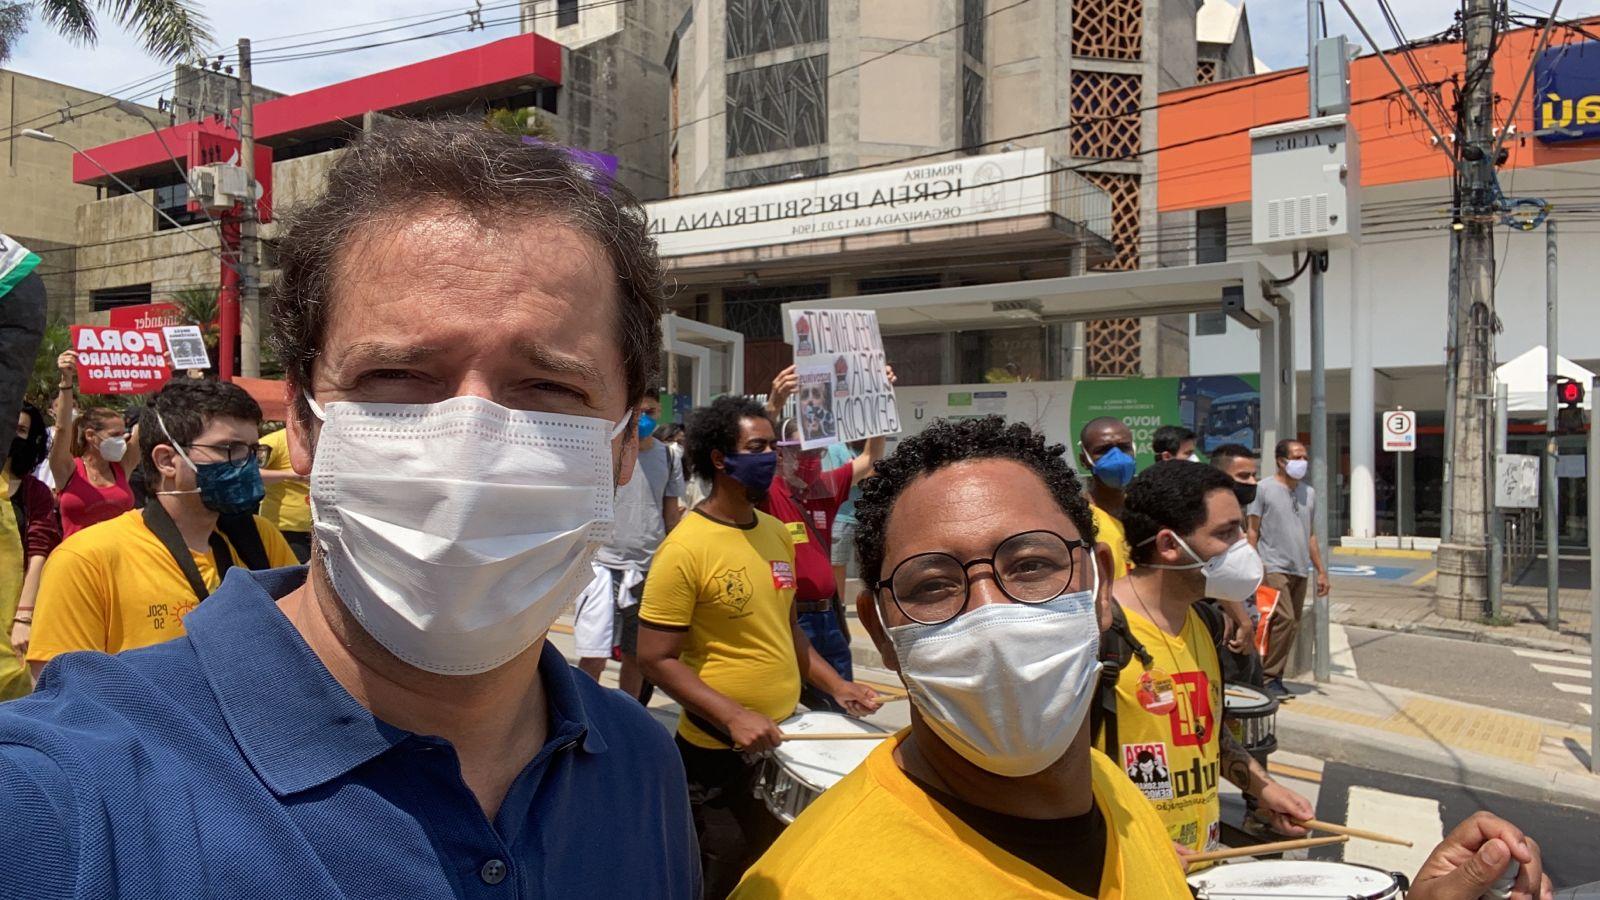 Raul Marcelo participa de ato em Sorocaba contra o governo Bolsonaro